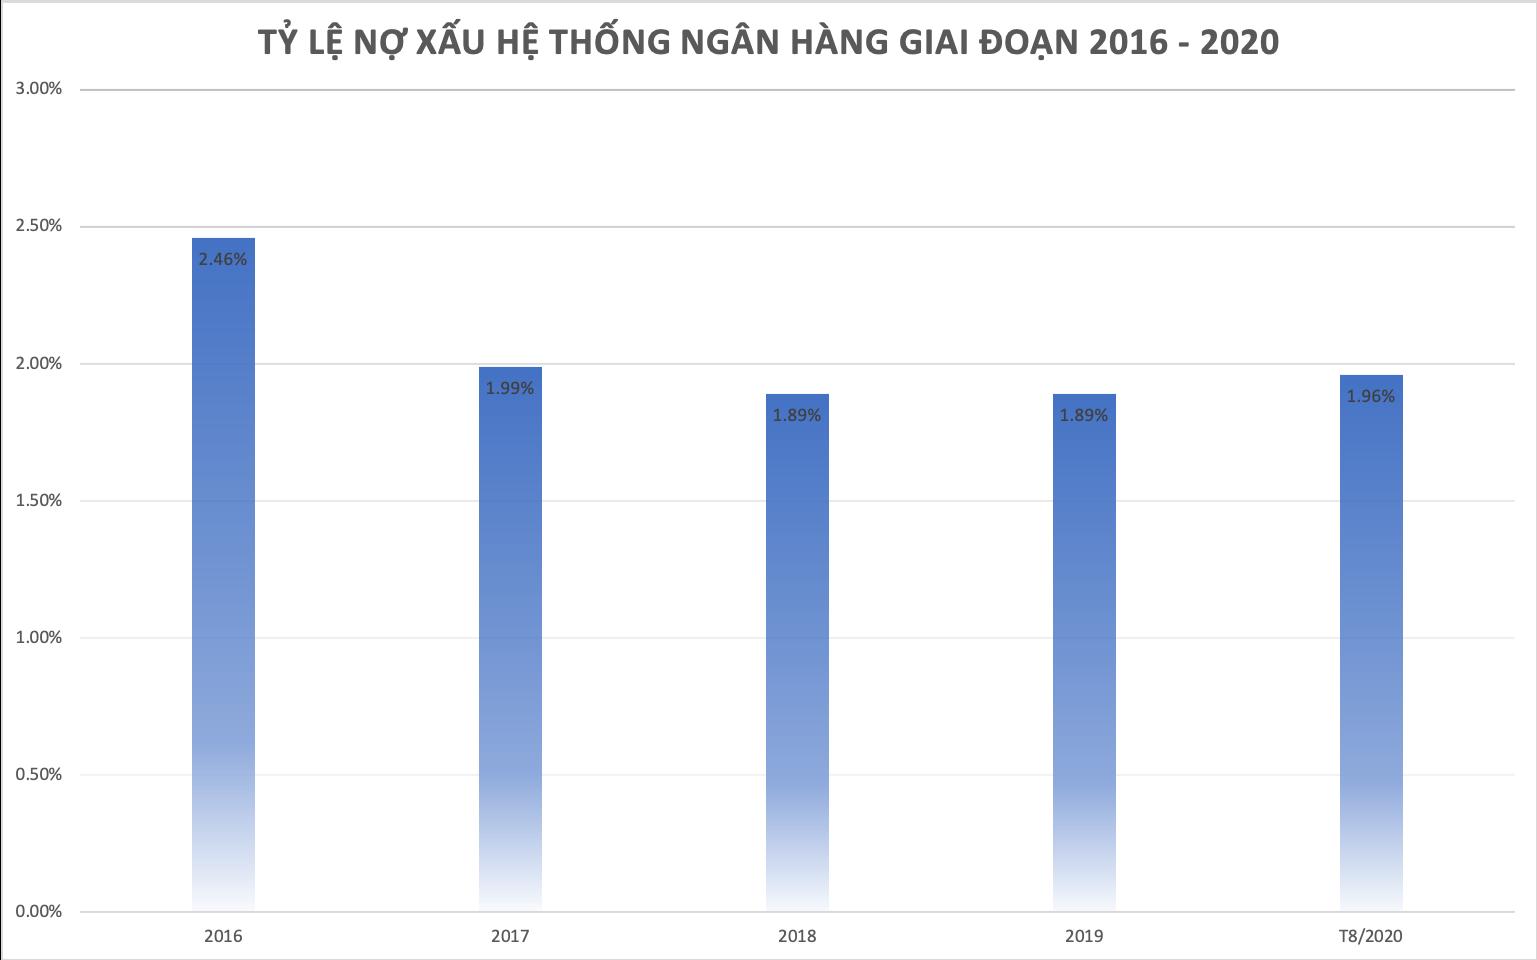 Điều đặc biệt của nguyên Thống đốc Lê Minh Hưng  - Ảnh 2.